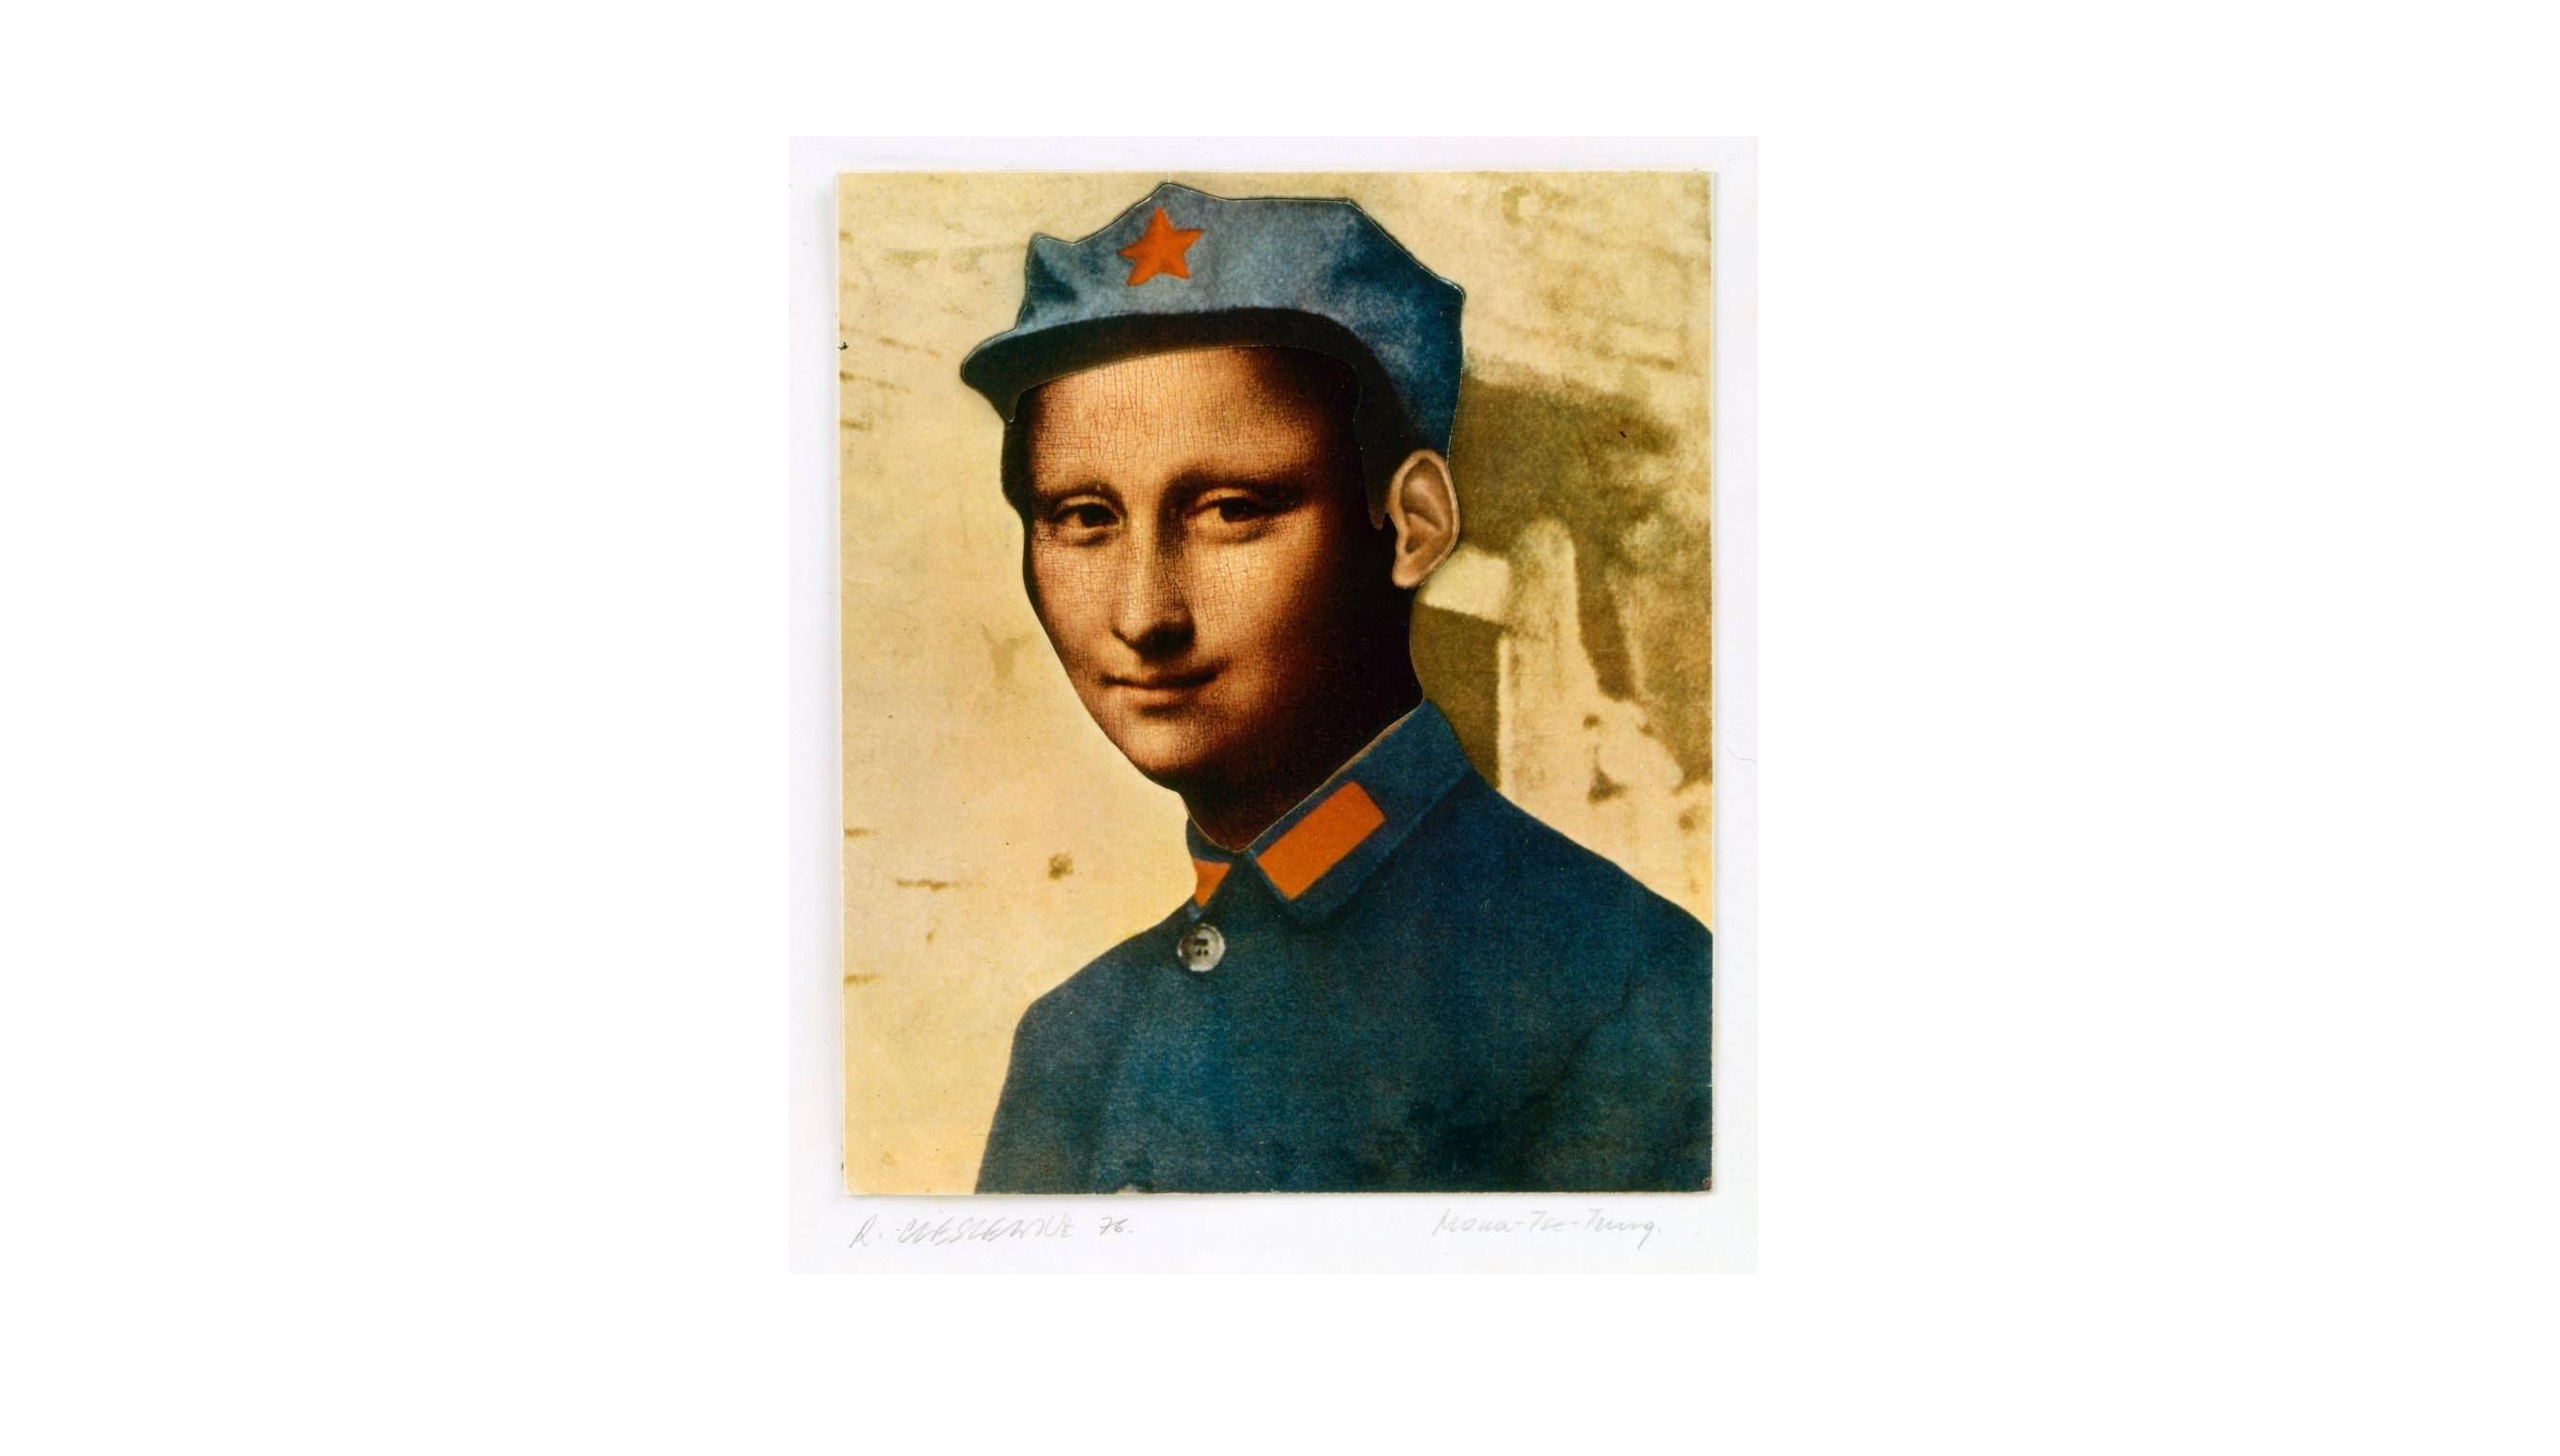 Roman Cieslewicz, la fabrique des images  au Musée d'Art Moderne